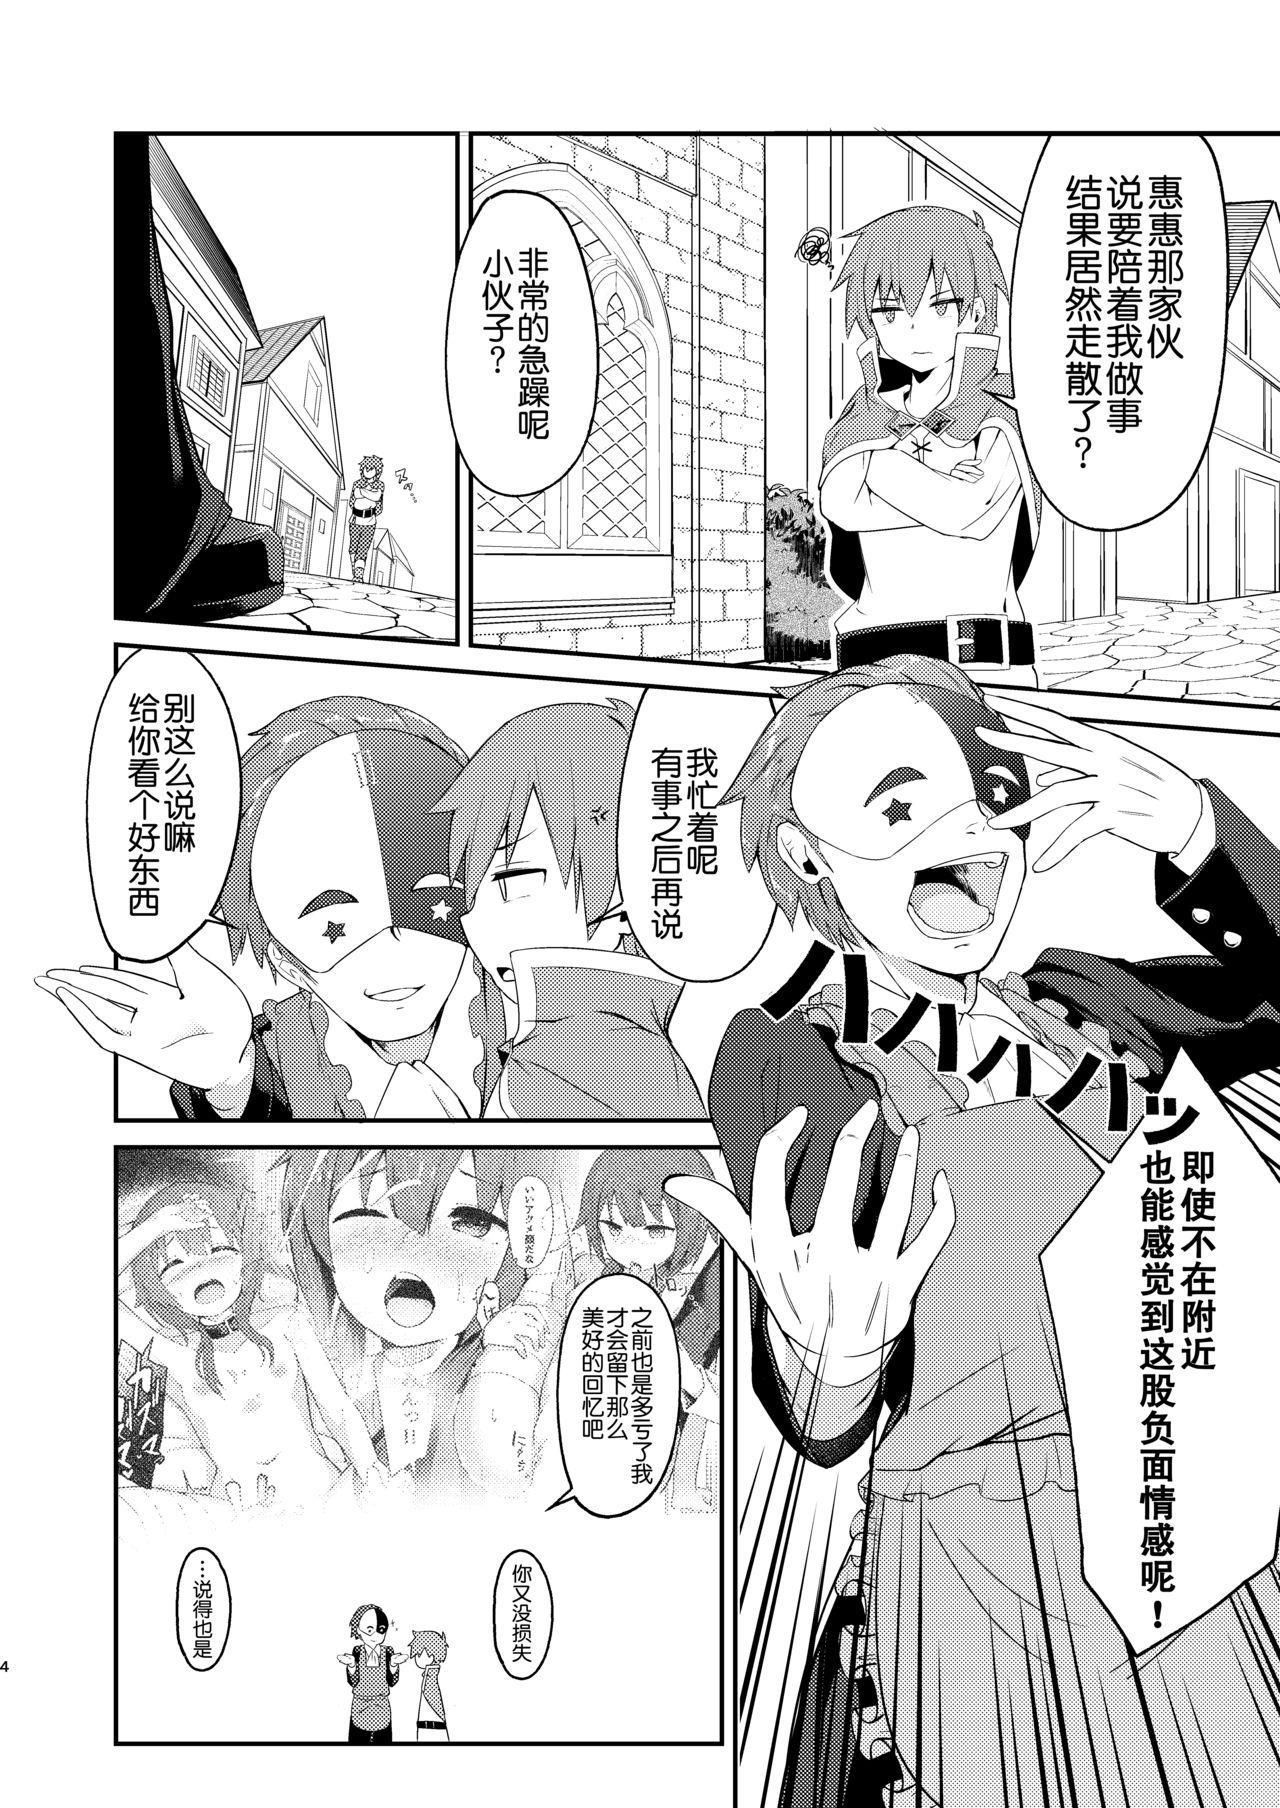 Lolikko Megumin o Kouryaku Seyo! 3